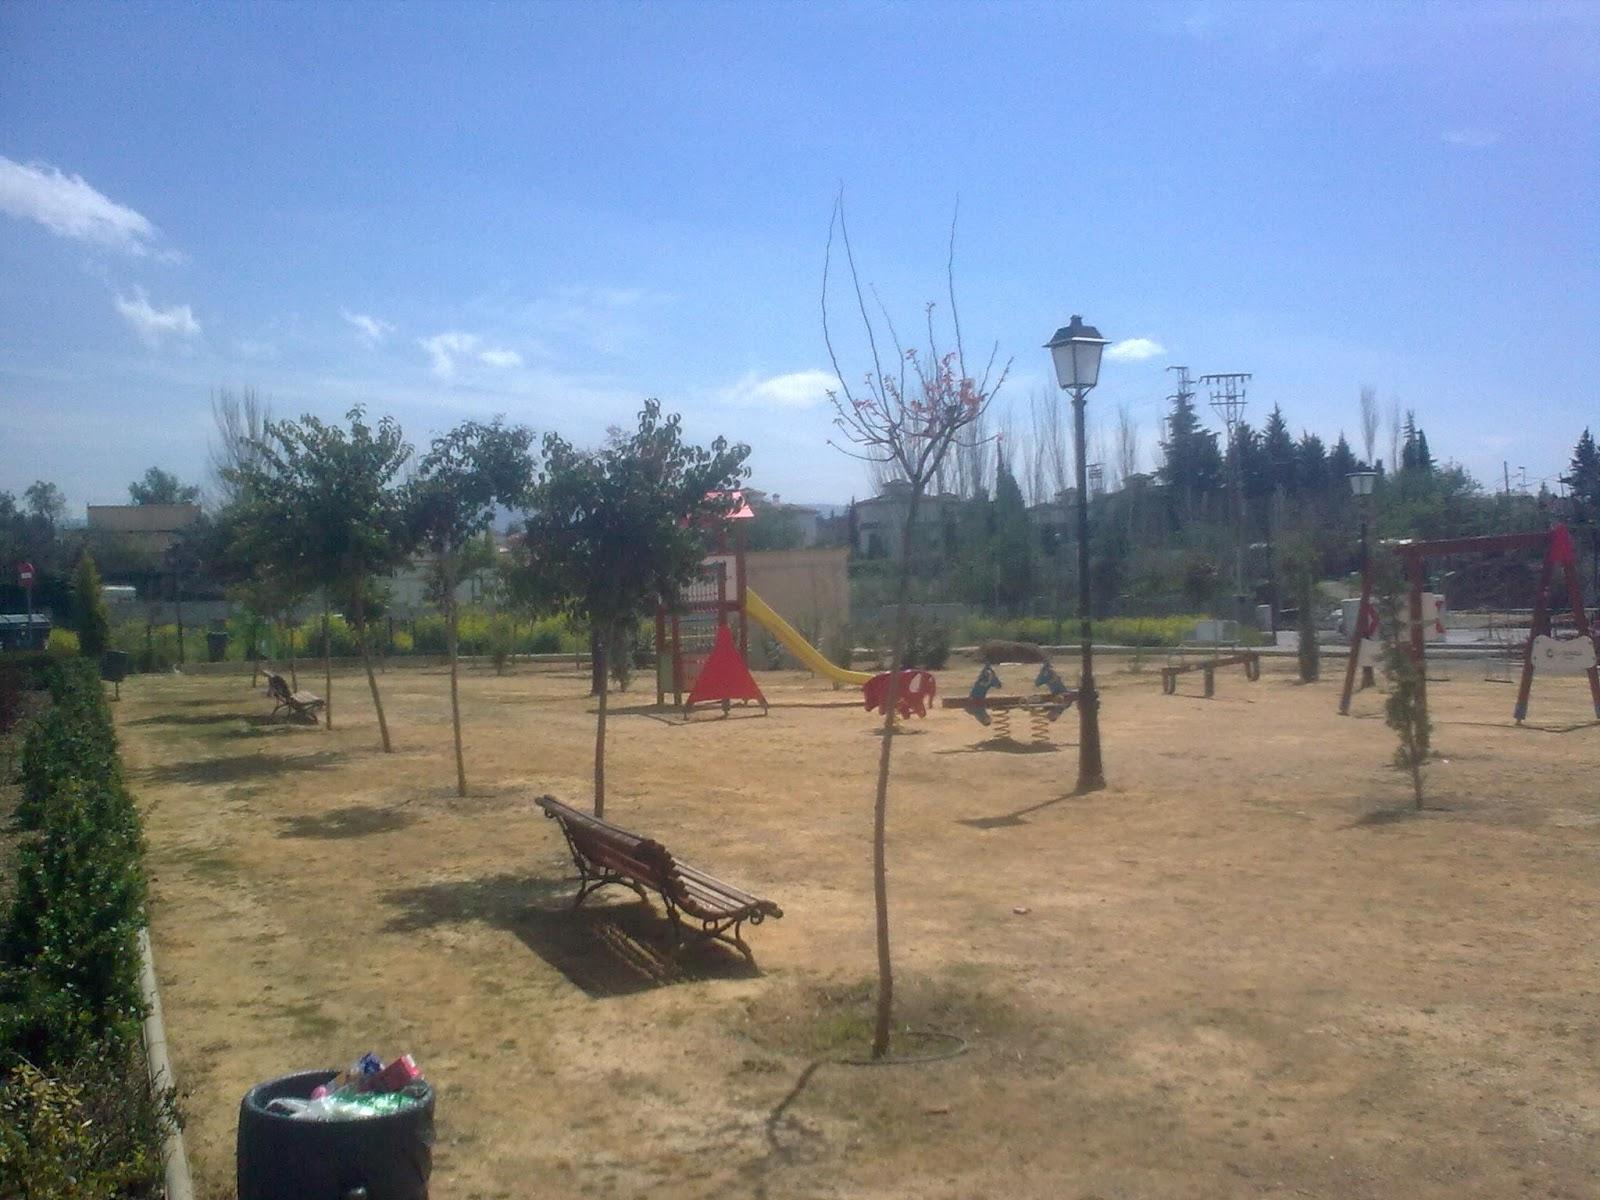 Parques y jardines de ogijares arreglo parque jutiliana for Arreglos de parques y jardines